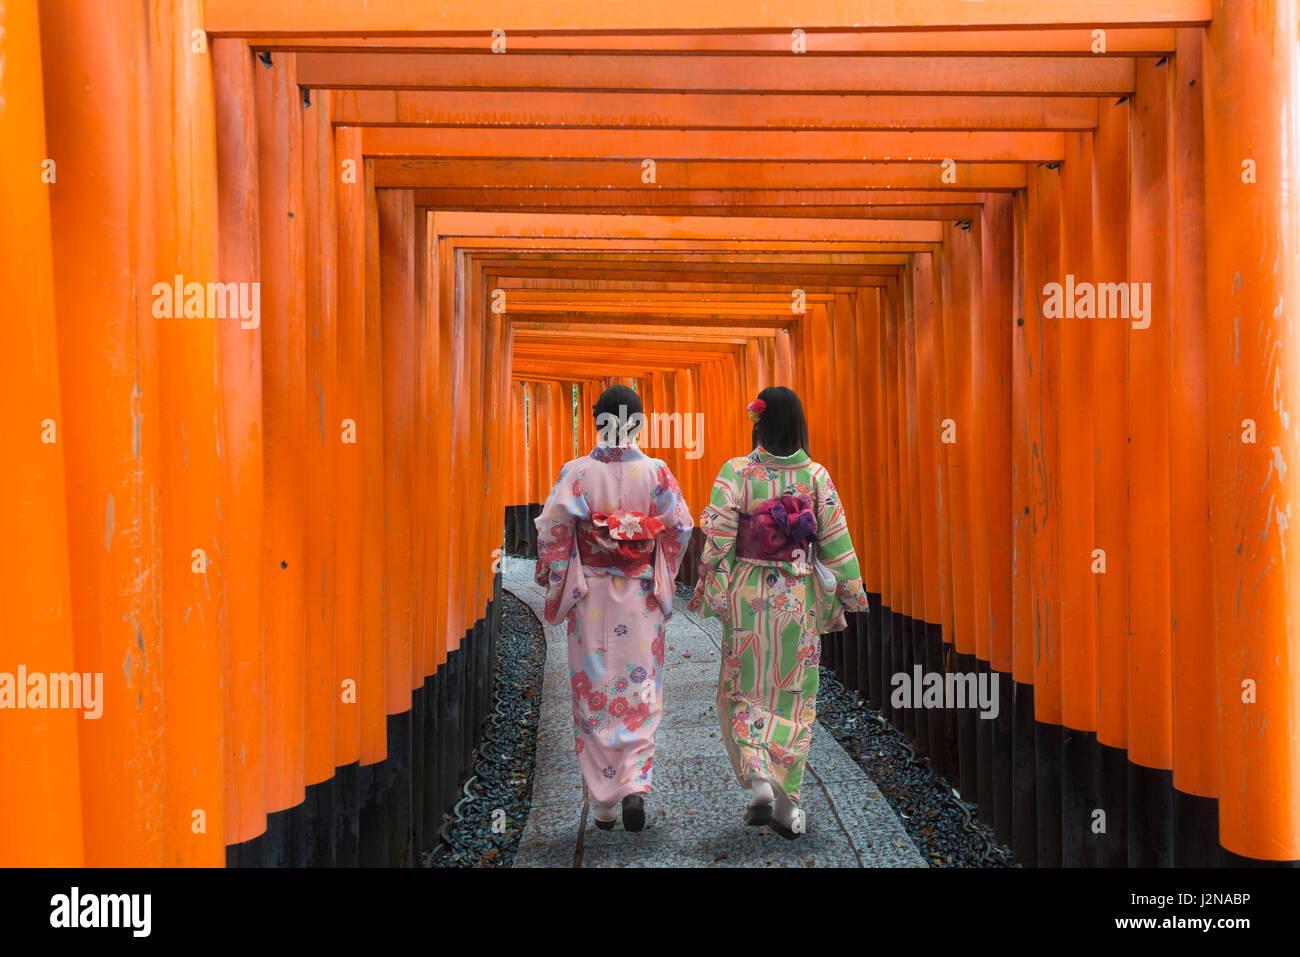 Deux geishas entre en bois rouge Tori Gate au Sanctuaire Fushimi Inari à Kyoto, au Japon. Les femmes portant Photo Stock